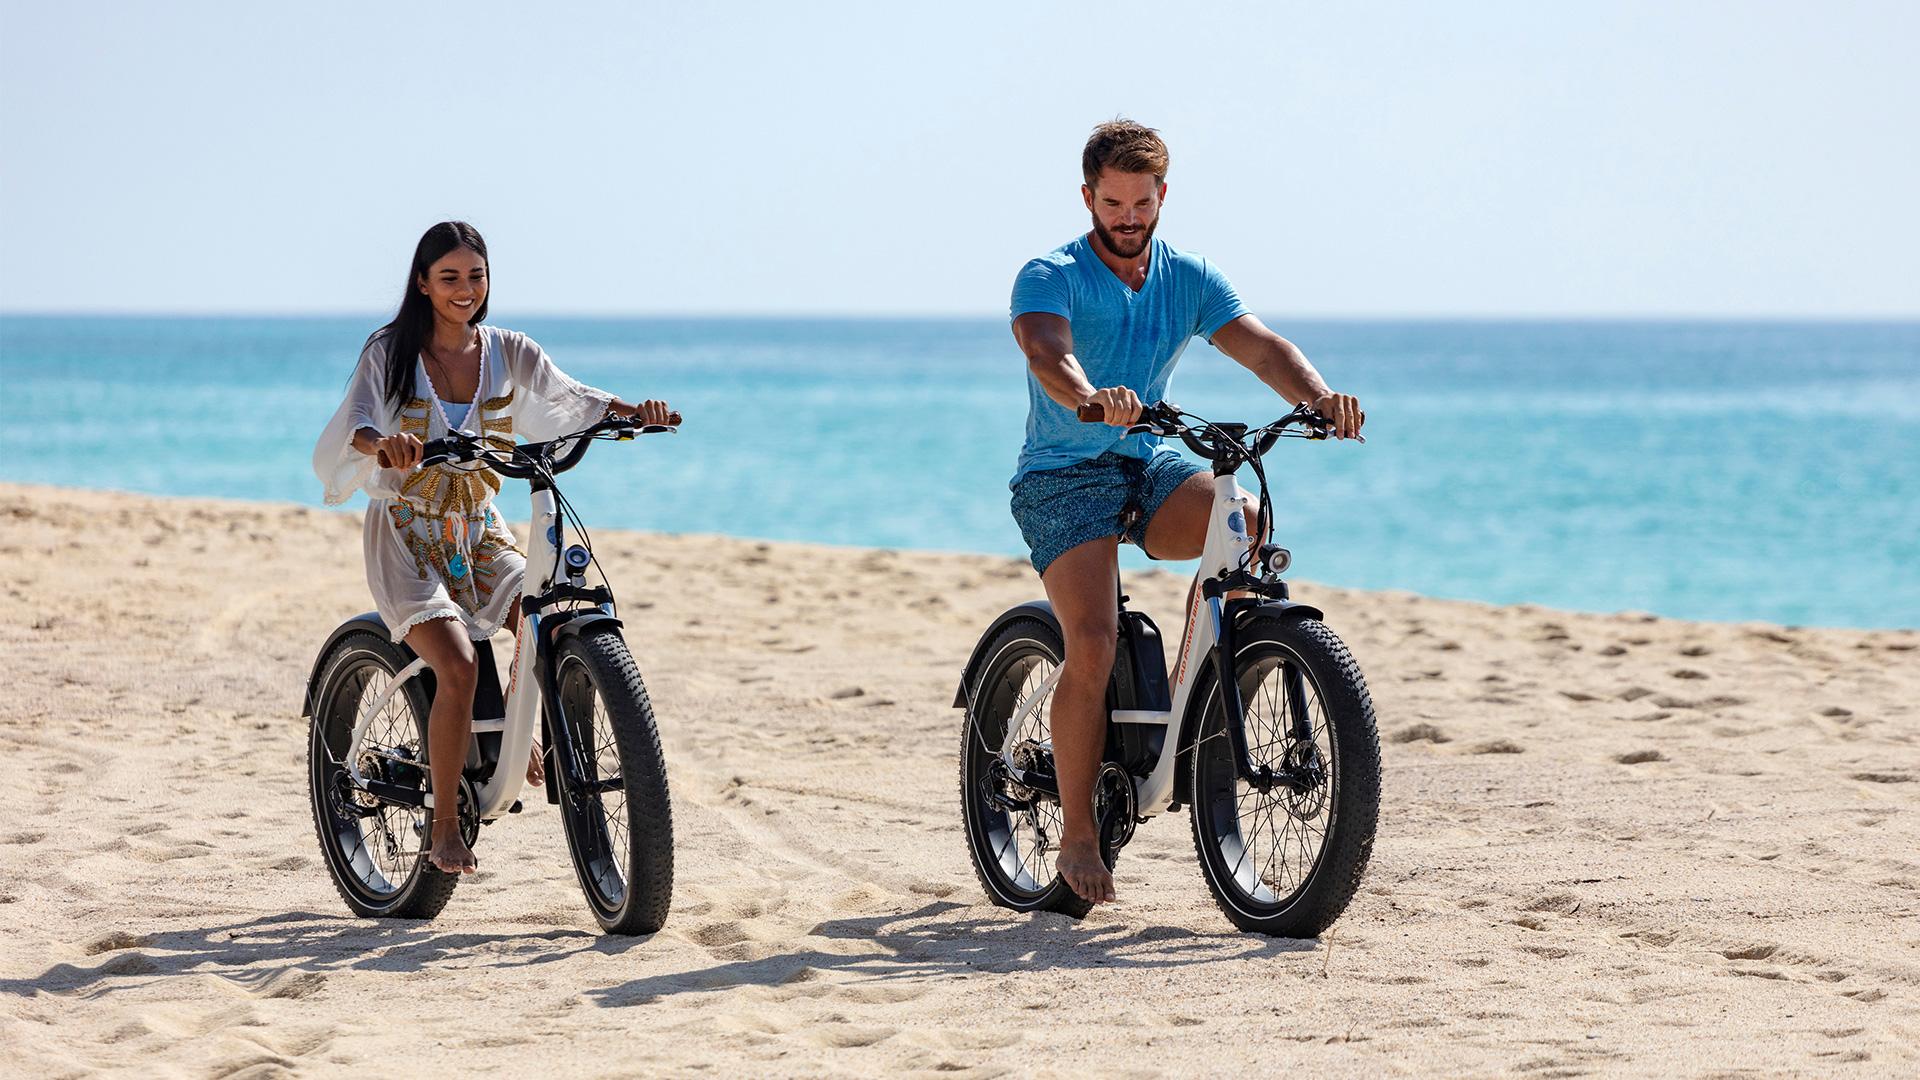 Bicicletas de playa